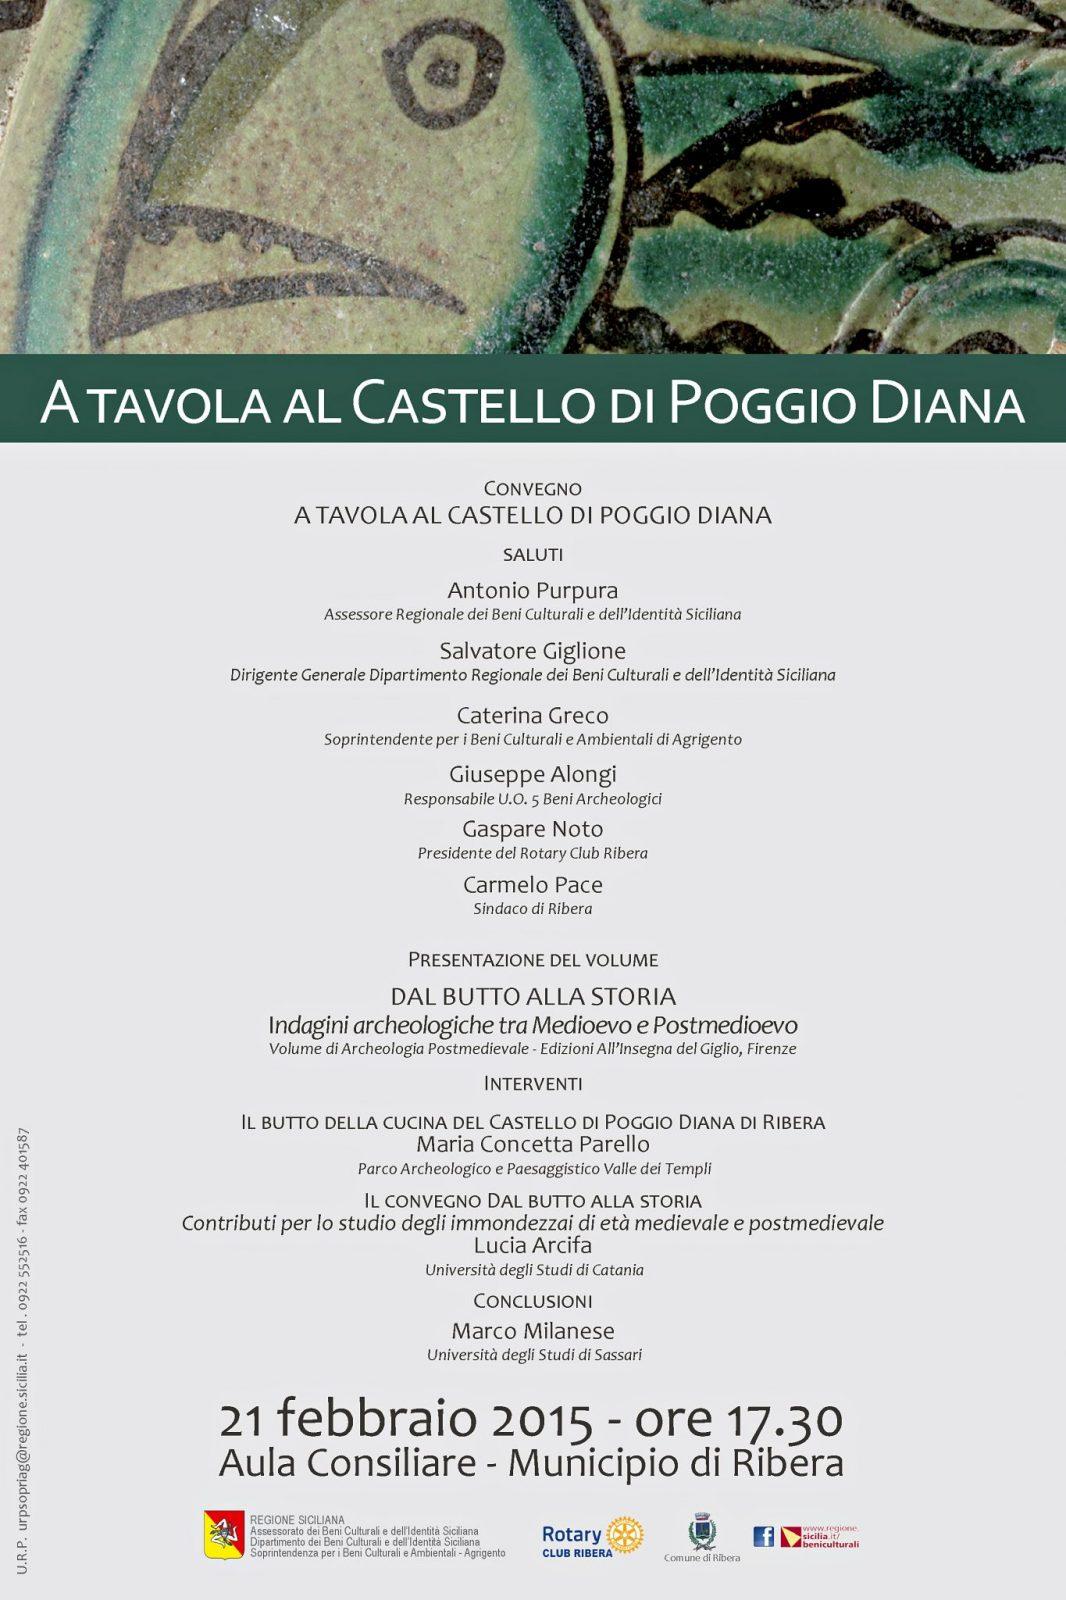 A tavola al Castello di Poggio Diana, locandina.